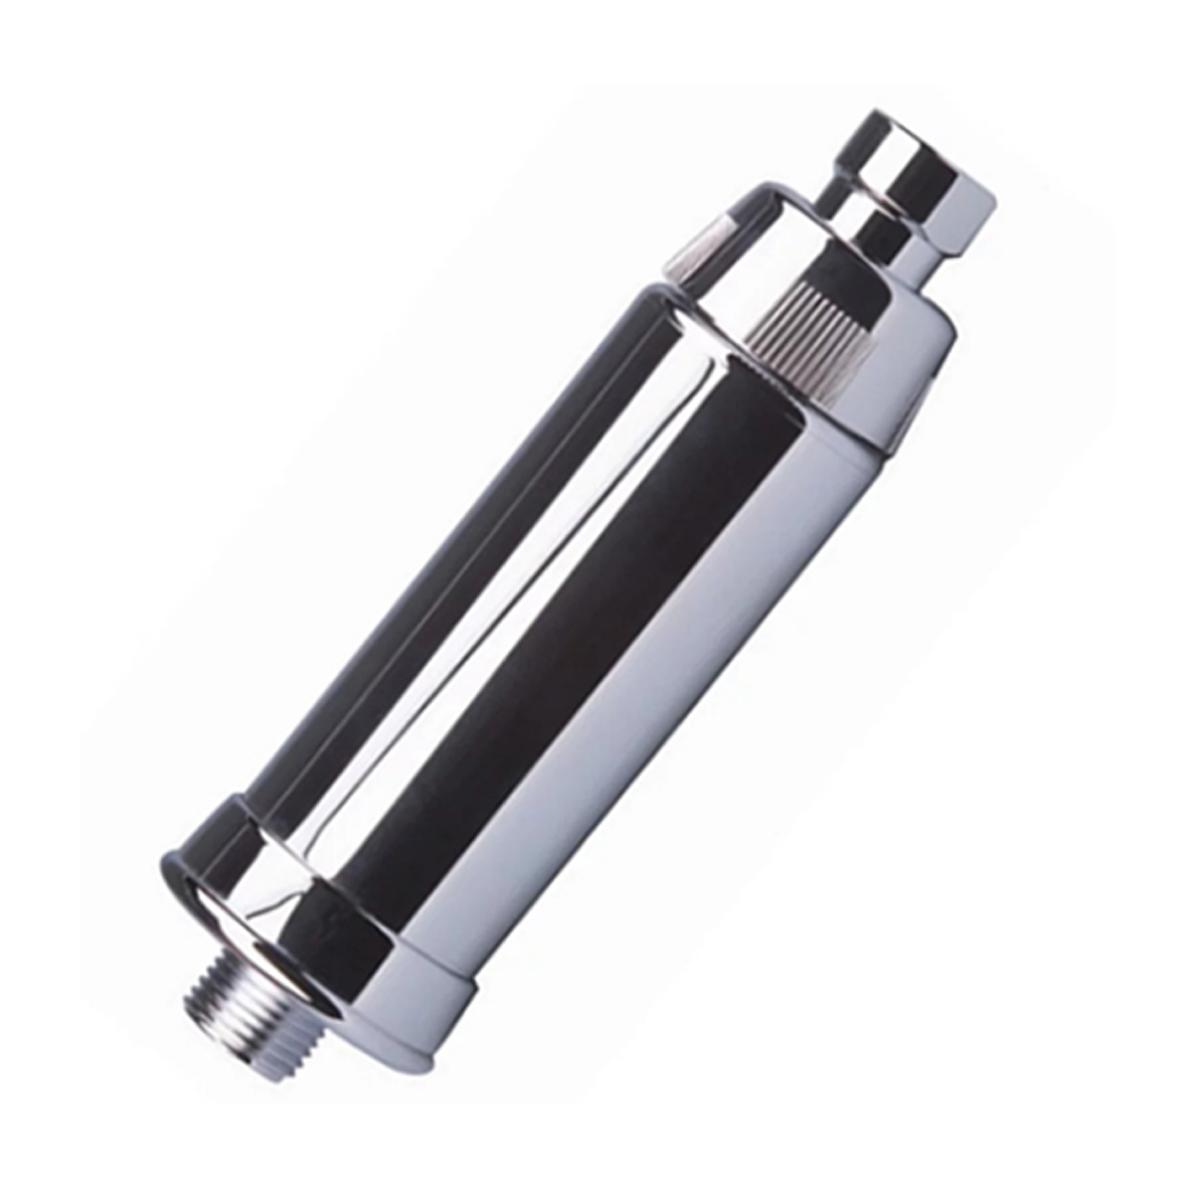 Bộ lọc nước vòi tắm Paragon SHF-1 chính hãng